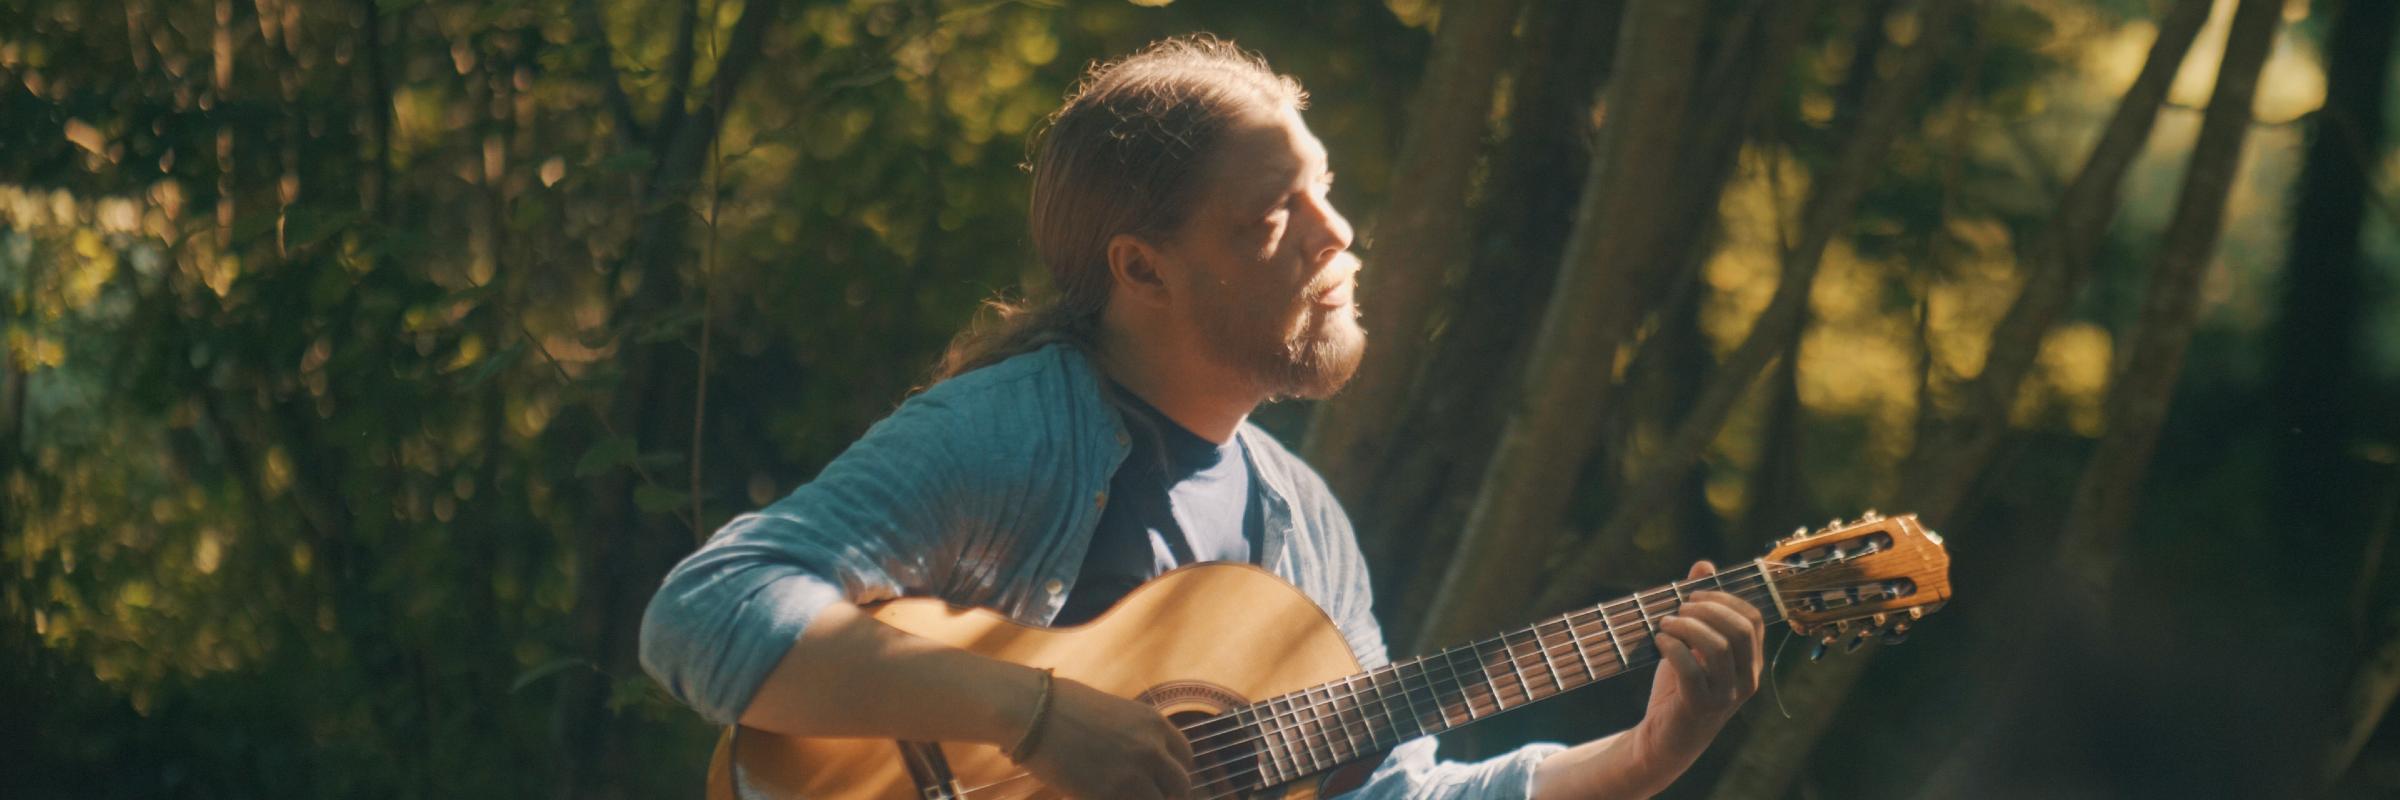 Marc Vidabreve, musicien Guitariste en représentation à Val d'Oise - photo de couverture n° 4